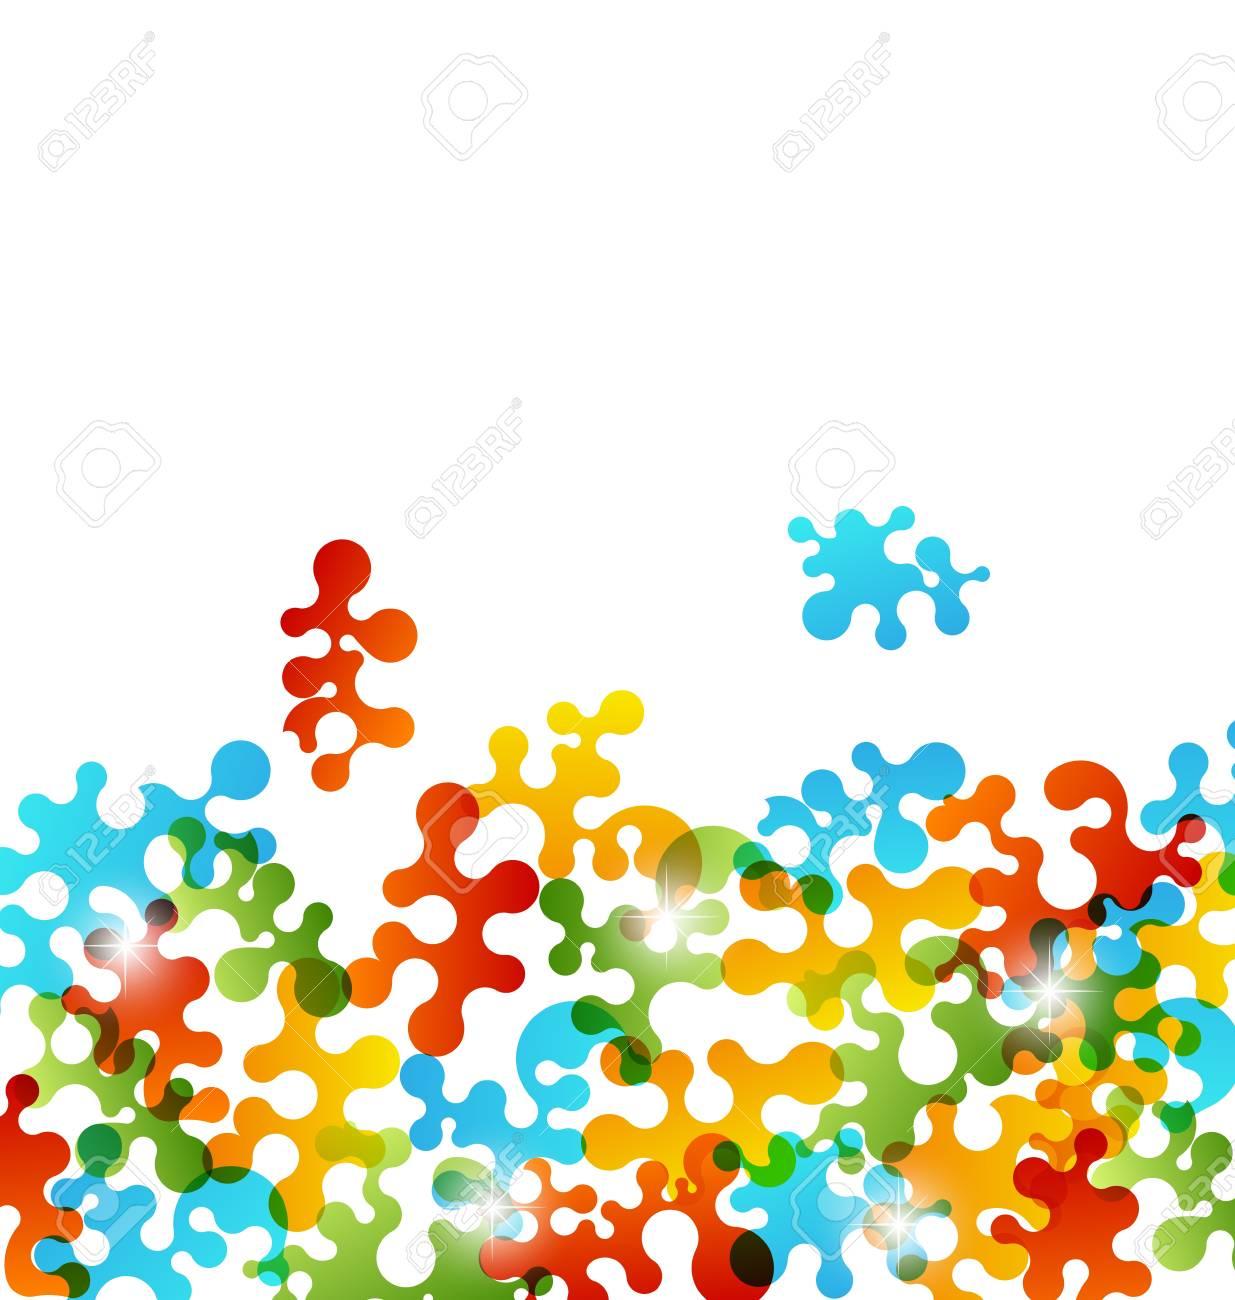 Illustration set colorful figures stylized puzzle Stock Illustration - 16945680